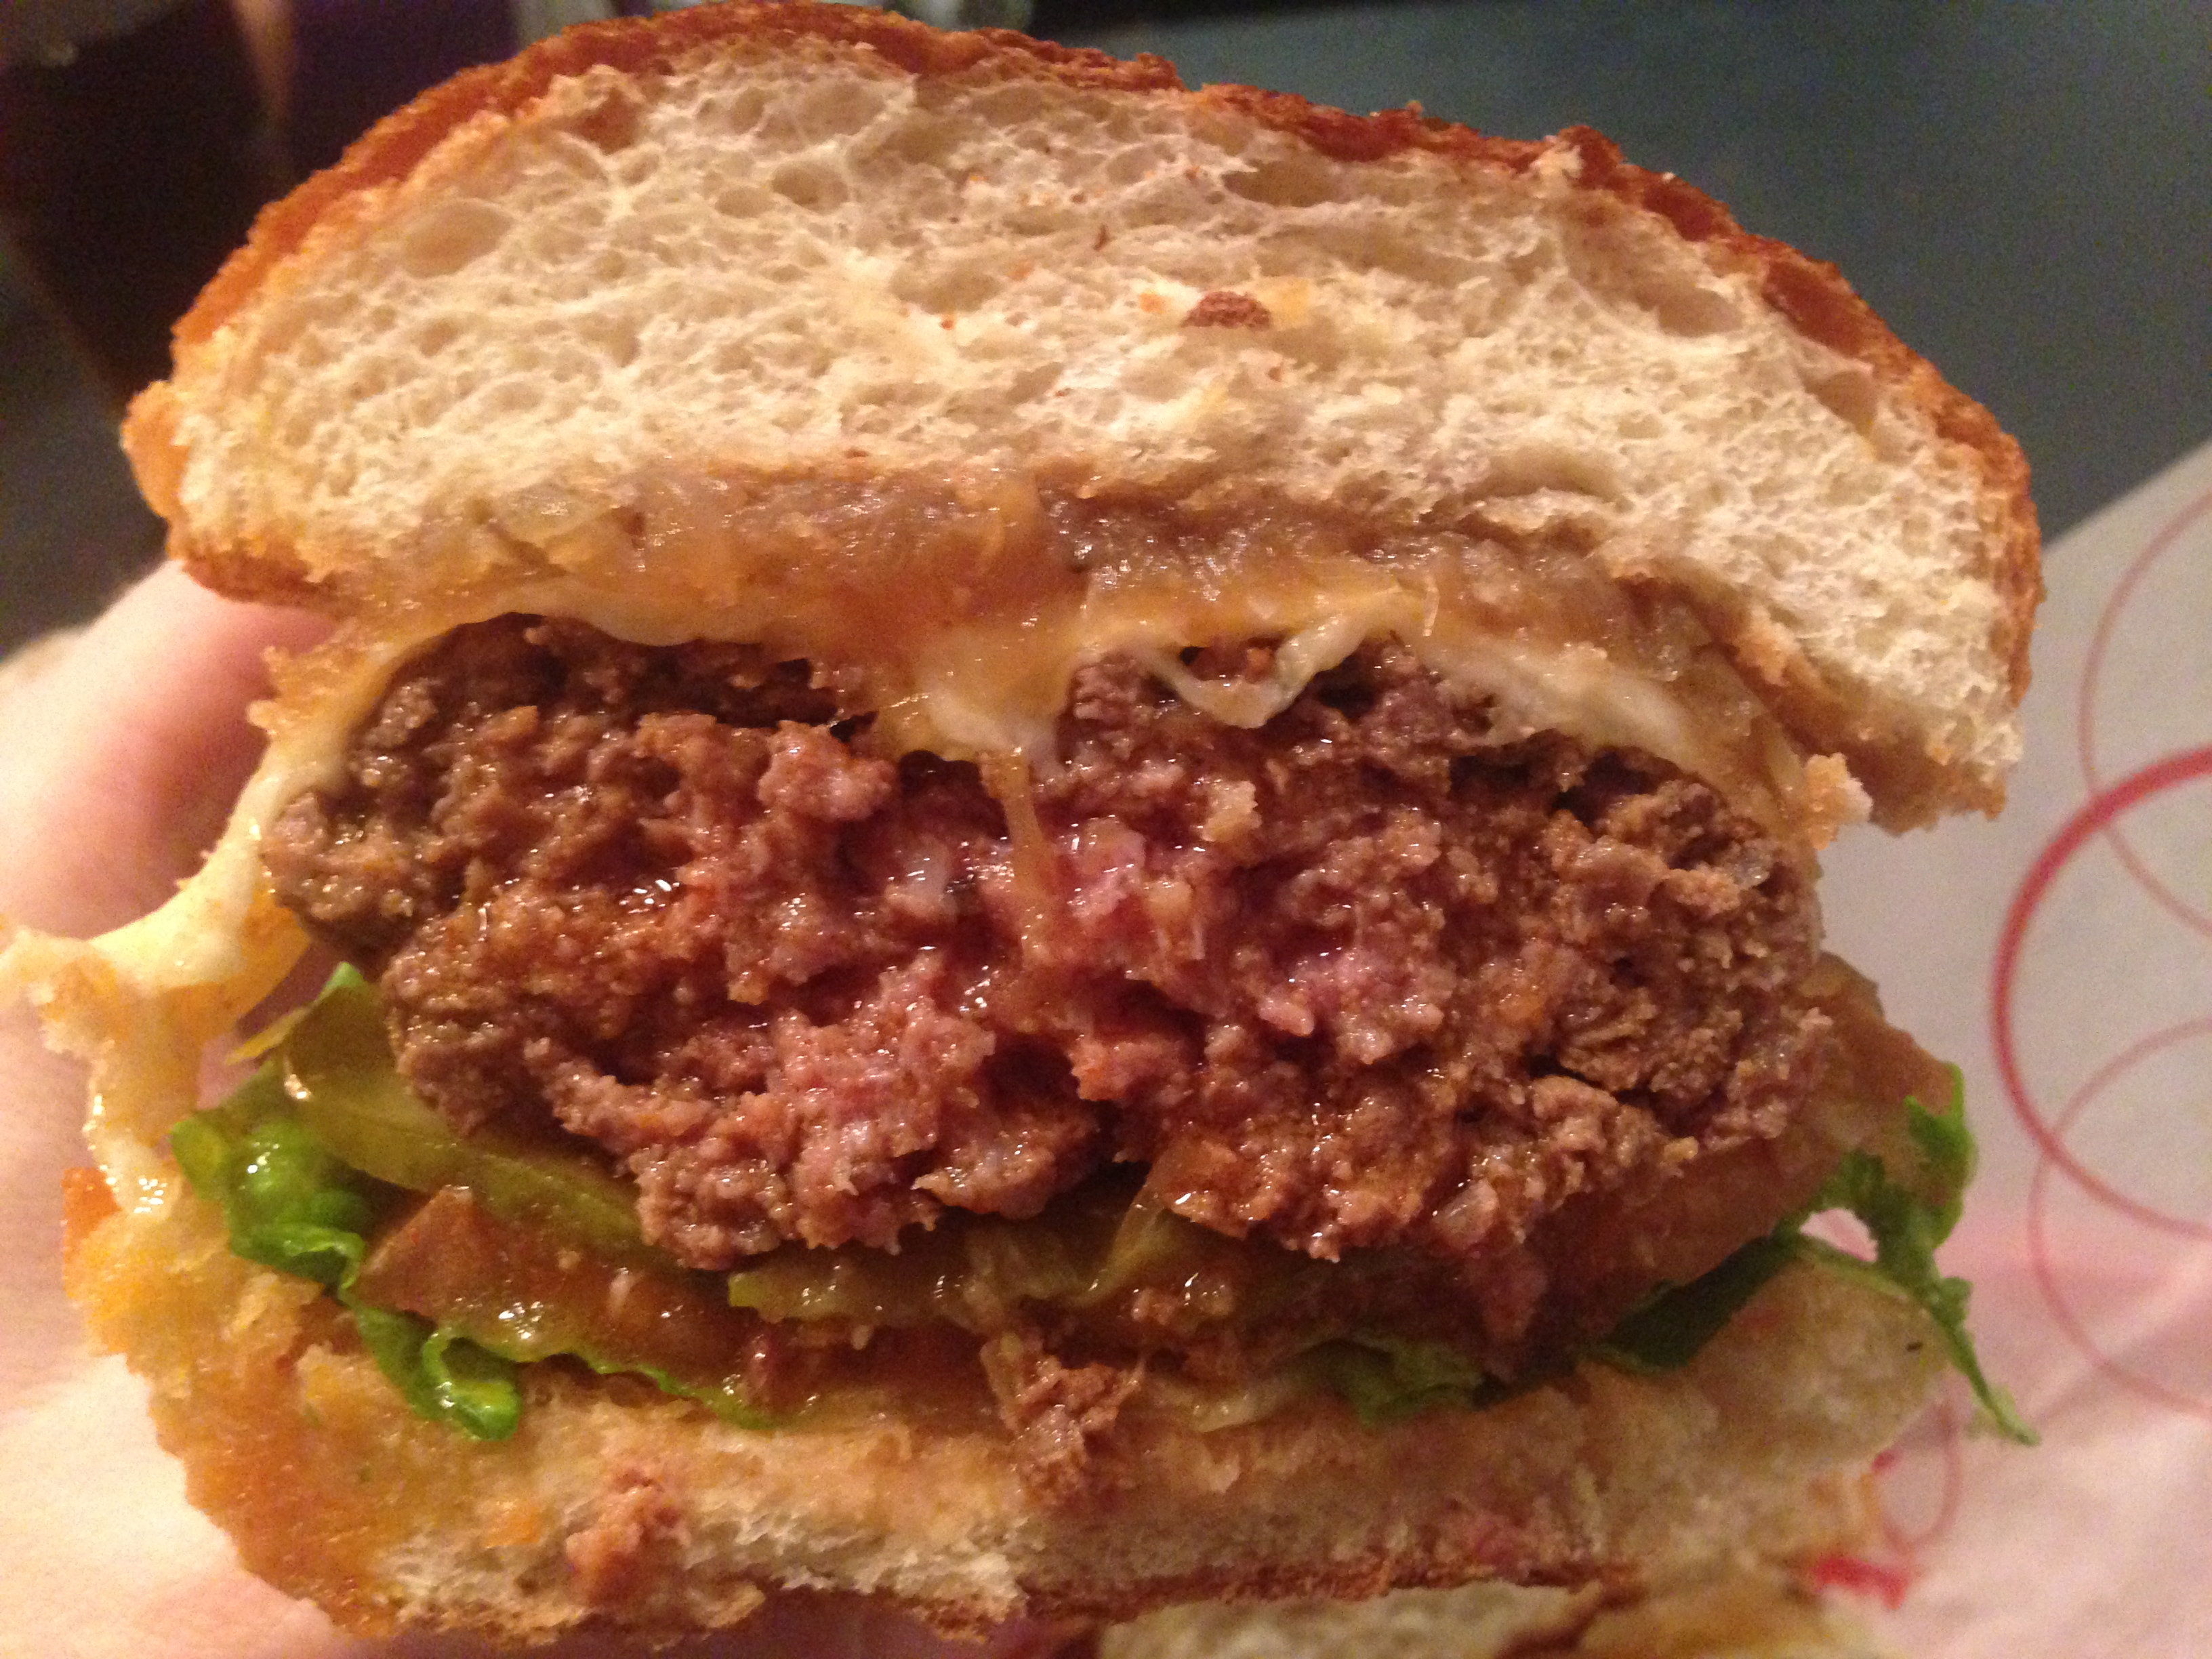 beef burger salmon burger skinny s glasgow james vs burger. Black Bedroom Furniture Sets. Home Design Ideas